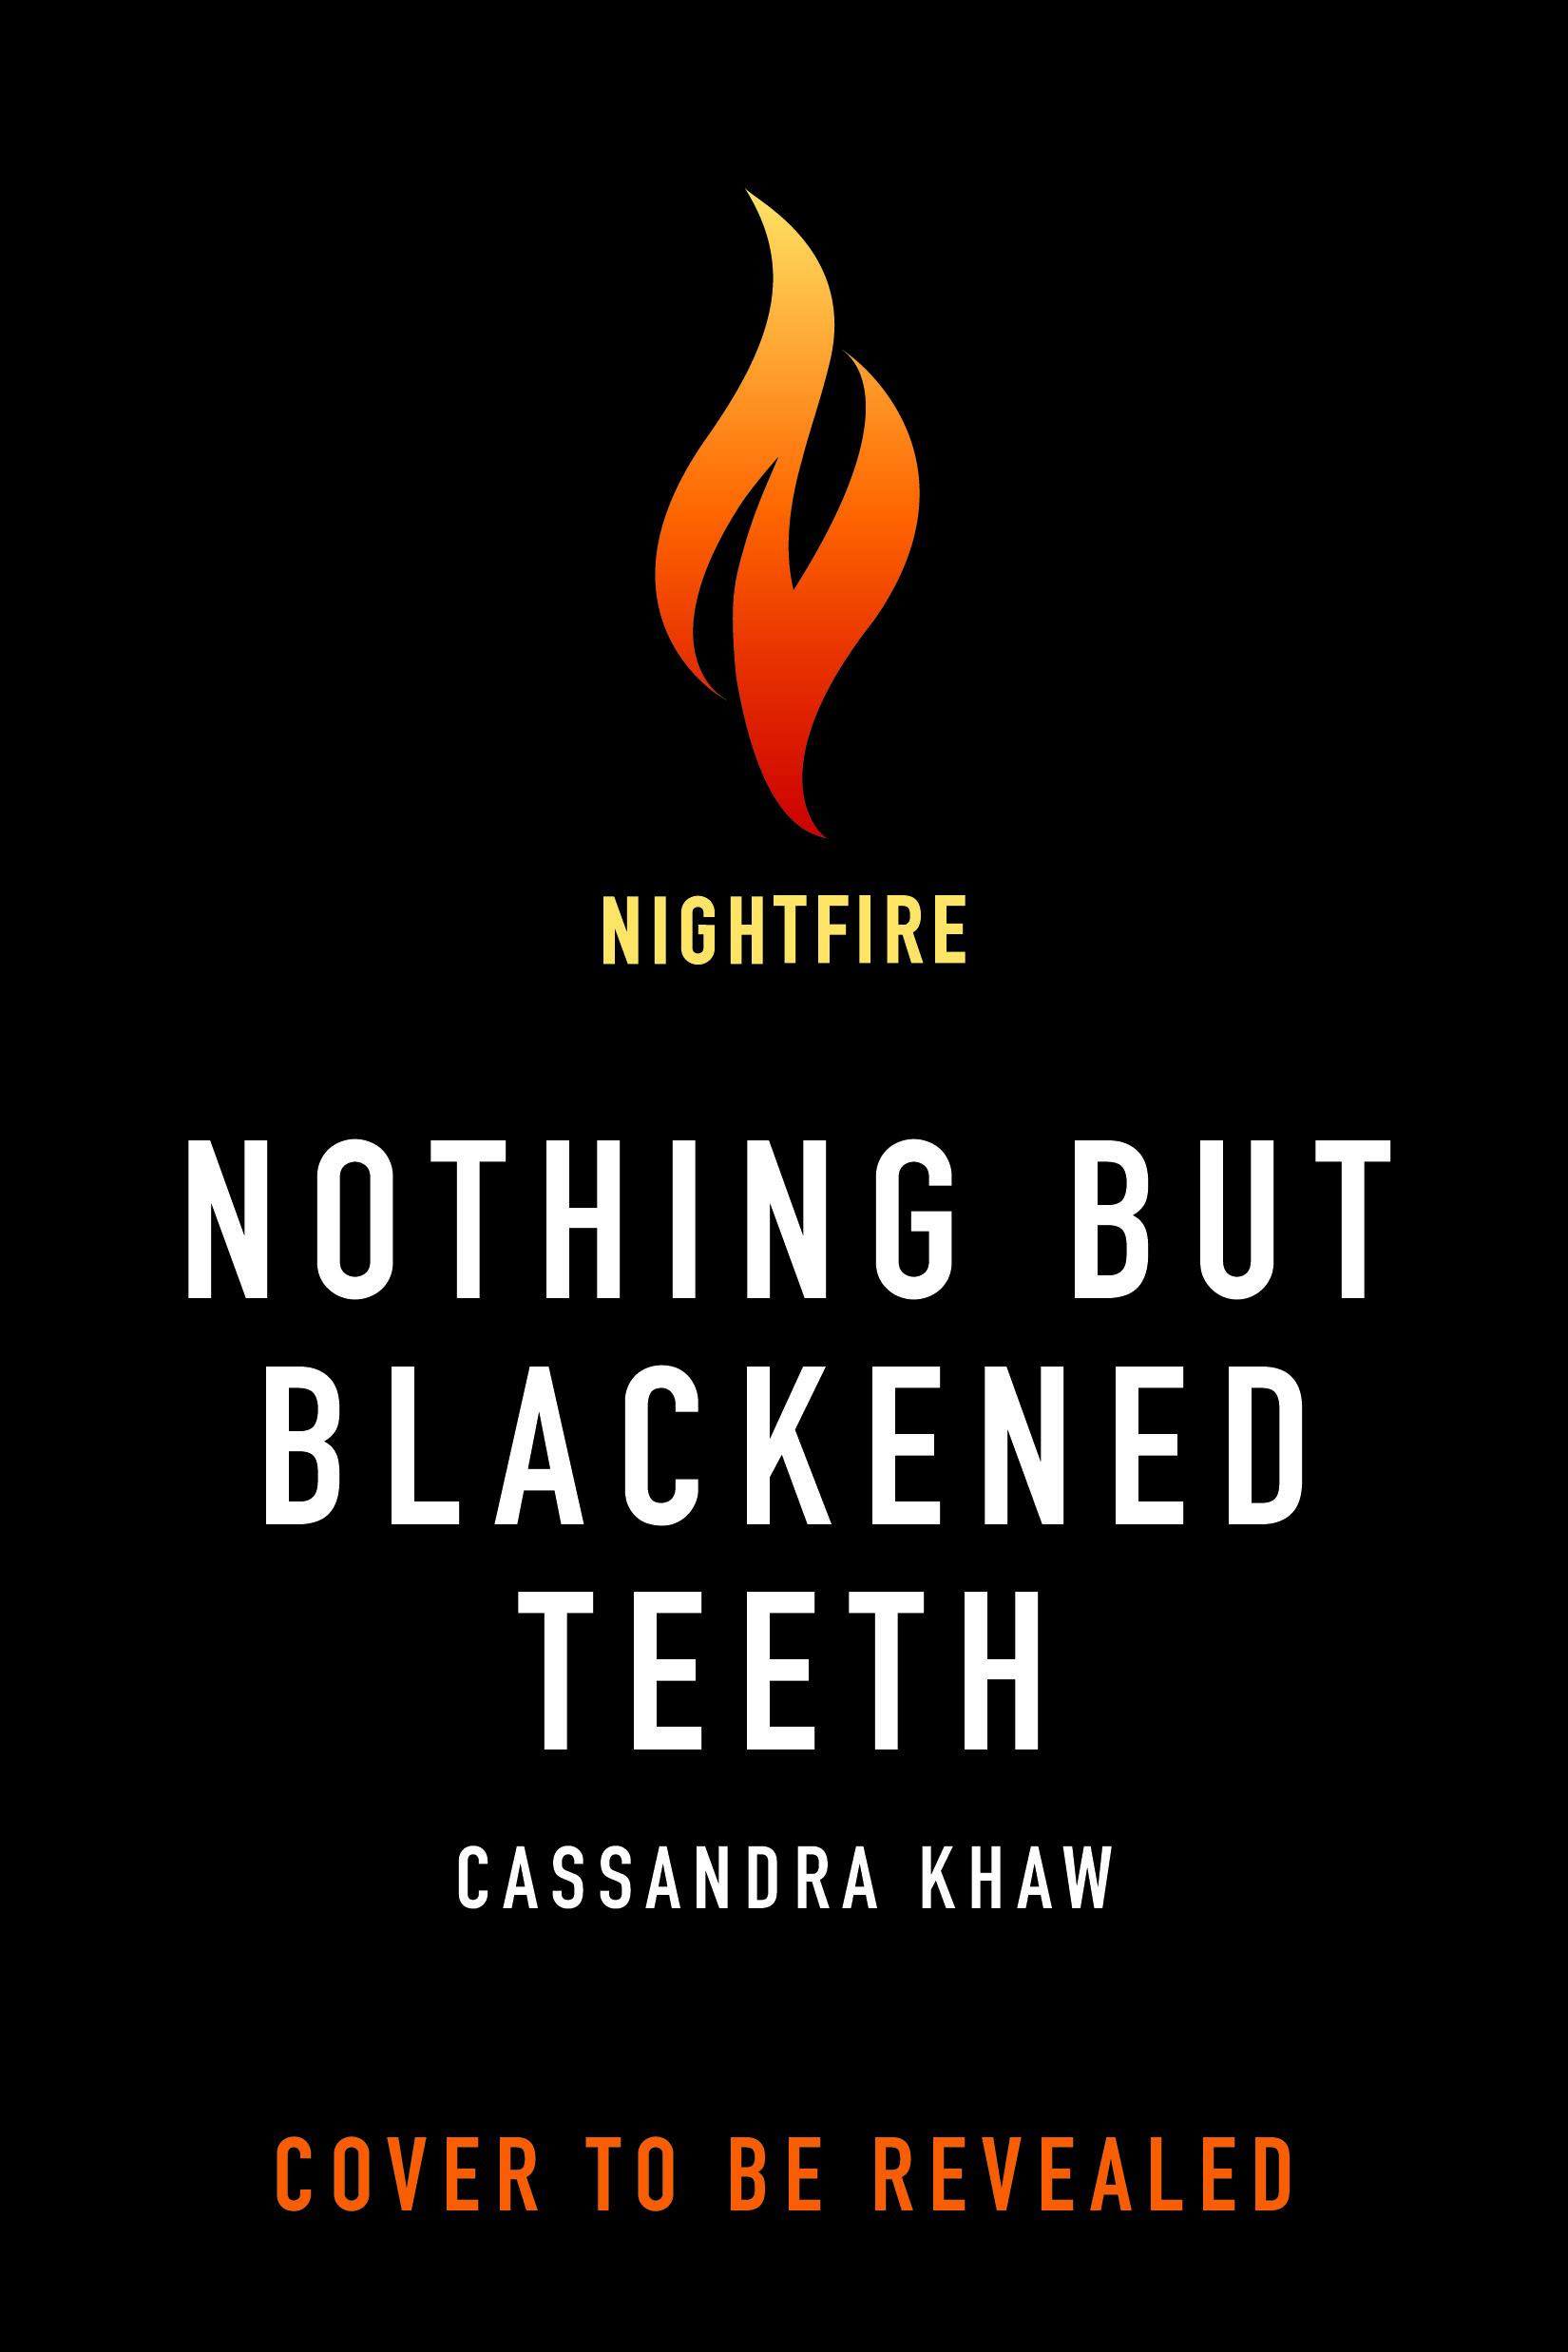 Nothing But Blackened Teeth